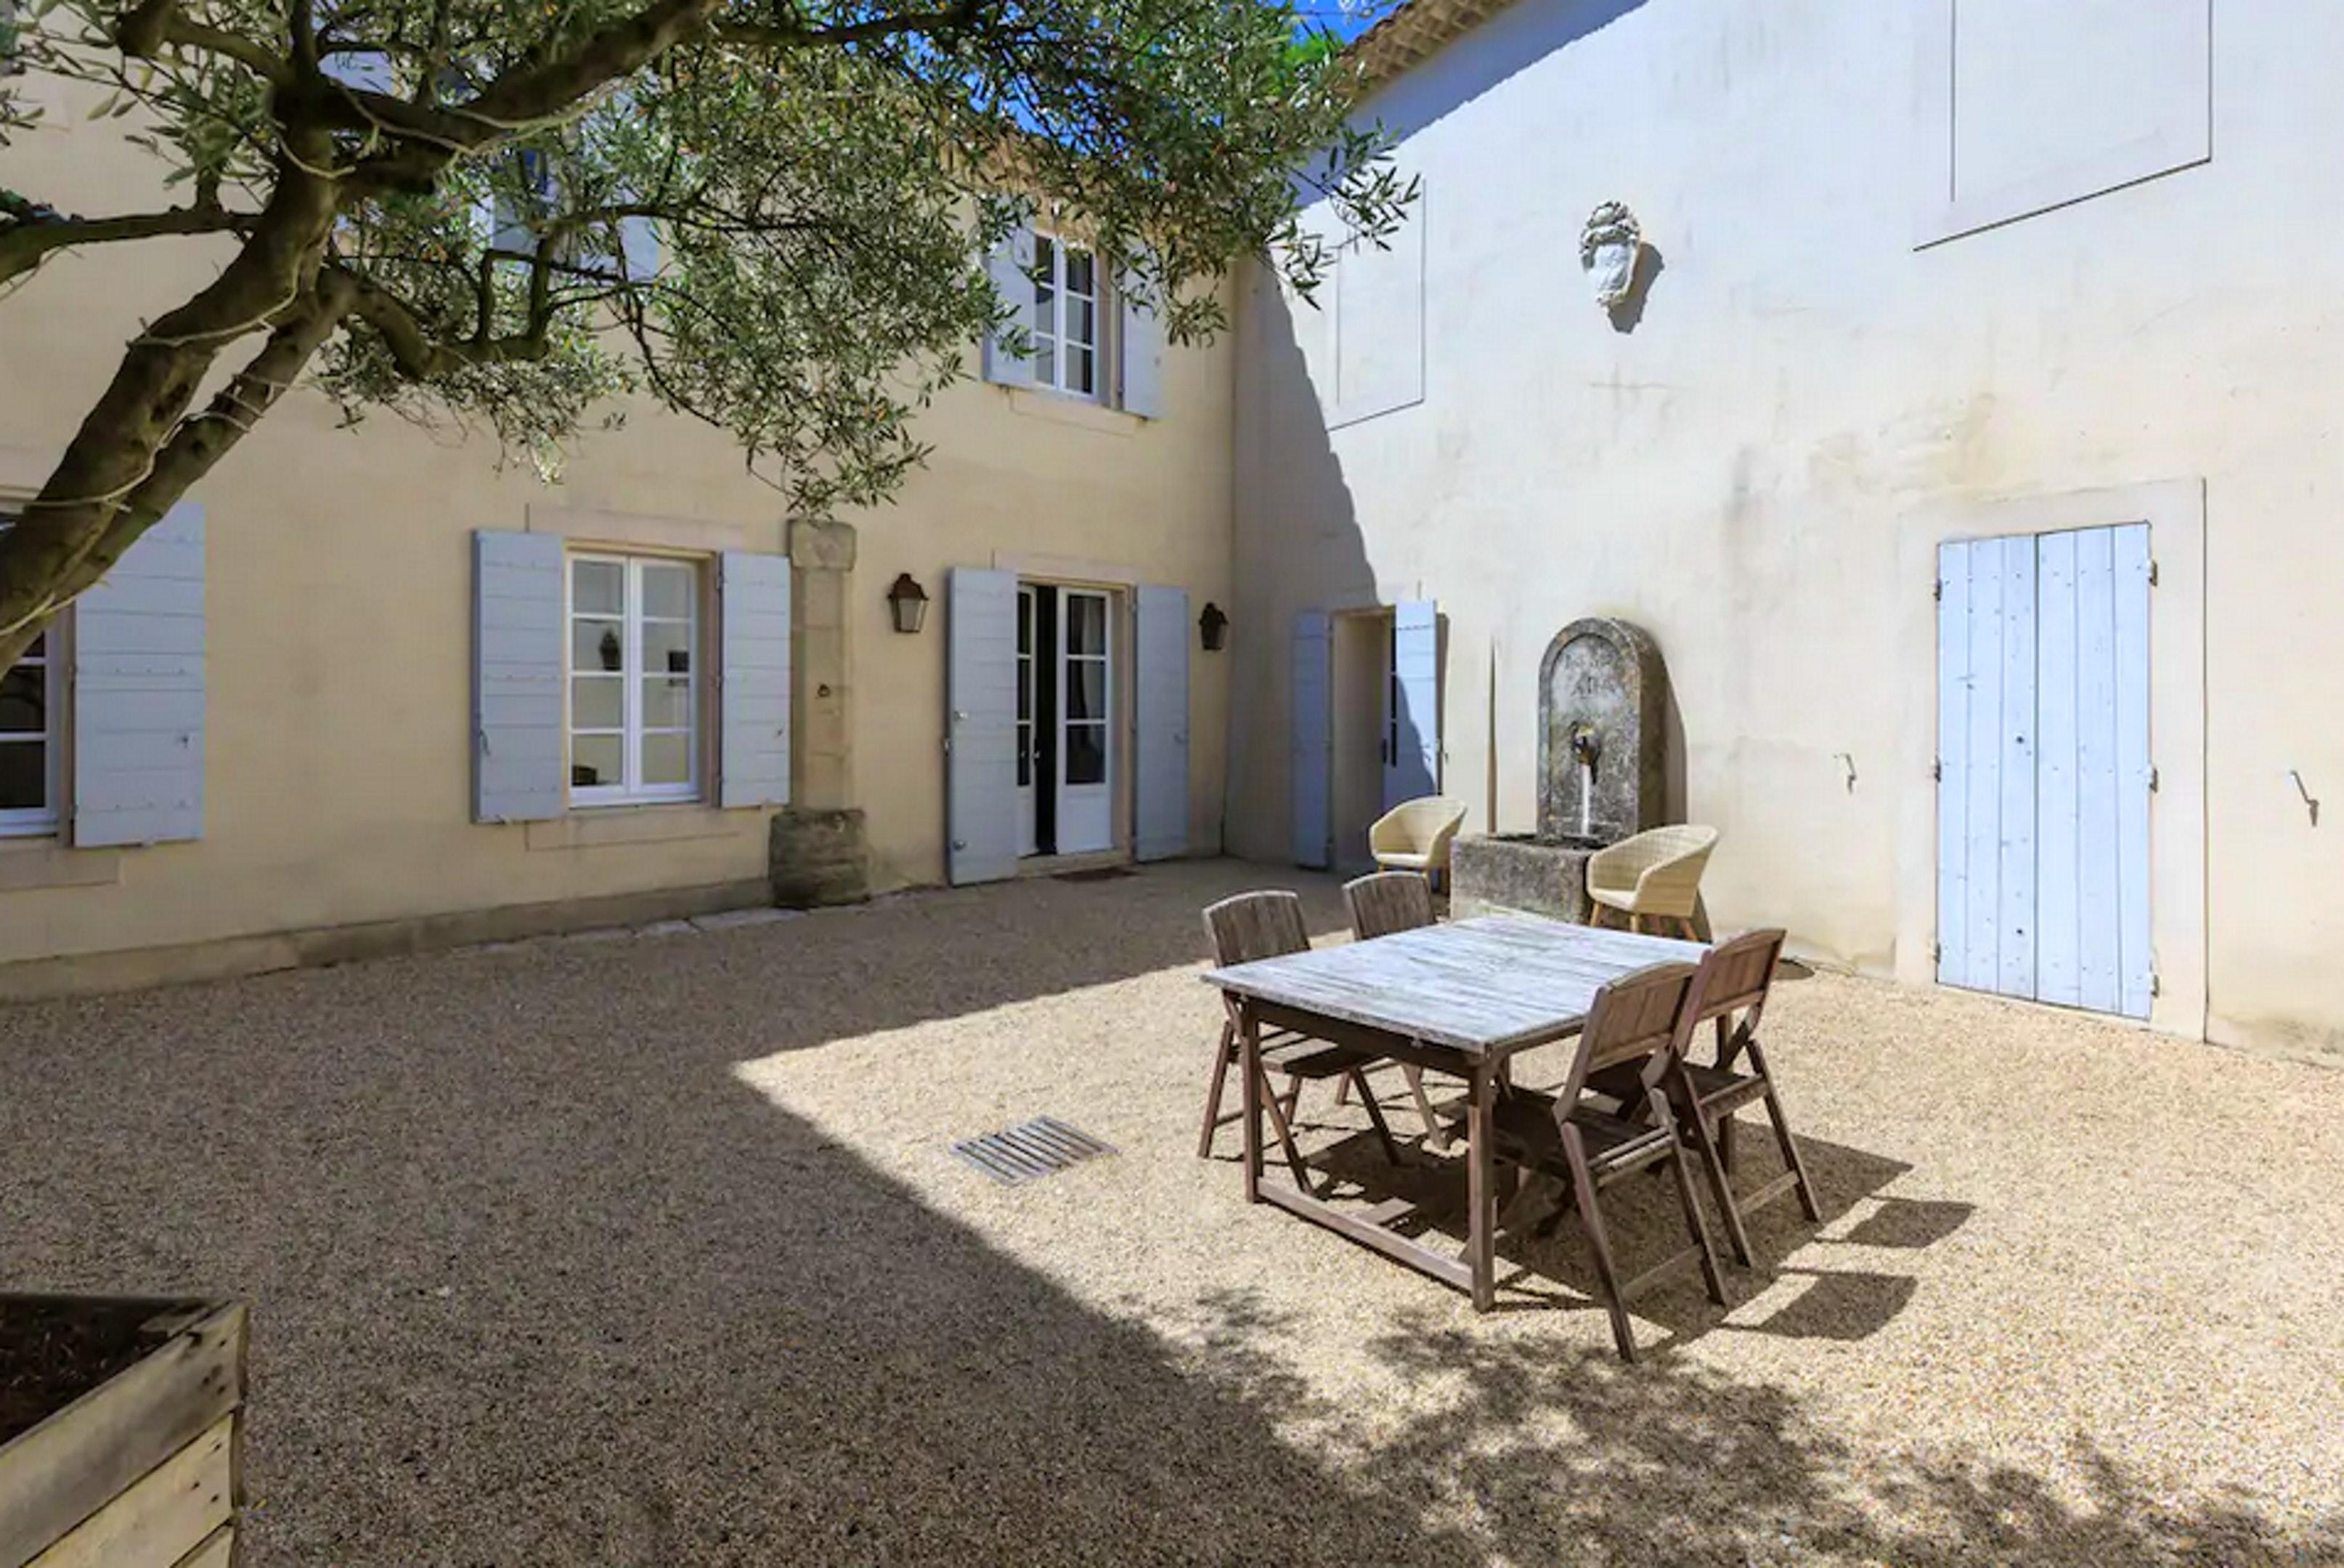 Maison de vacances Villa mit 6 Schlafzimmern in L'Isle-sur-la-Sorgue mit privatem Pool, möbliertem Garten und (2647203), L'Isle sur la Sorgue, Vaucluse, Provence - Alpes - Côte d'Azur, France, image 17